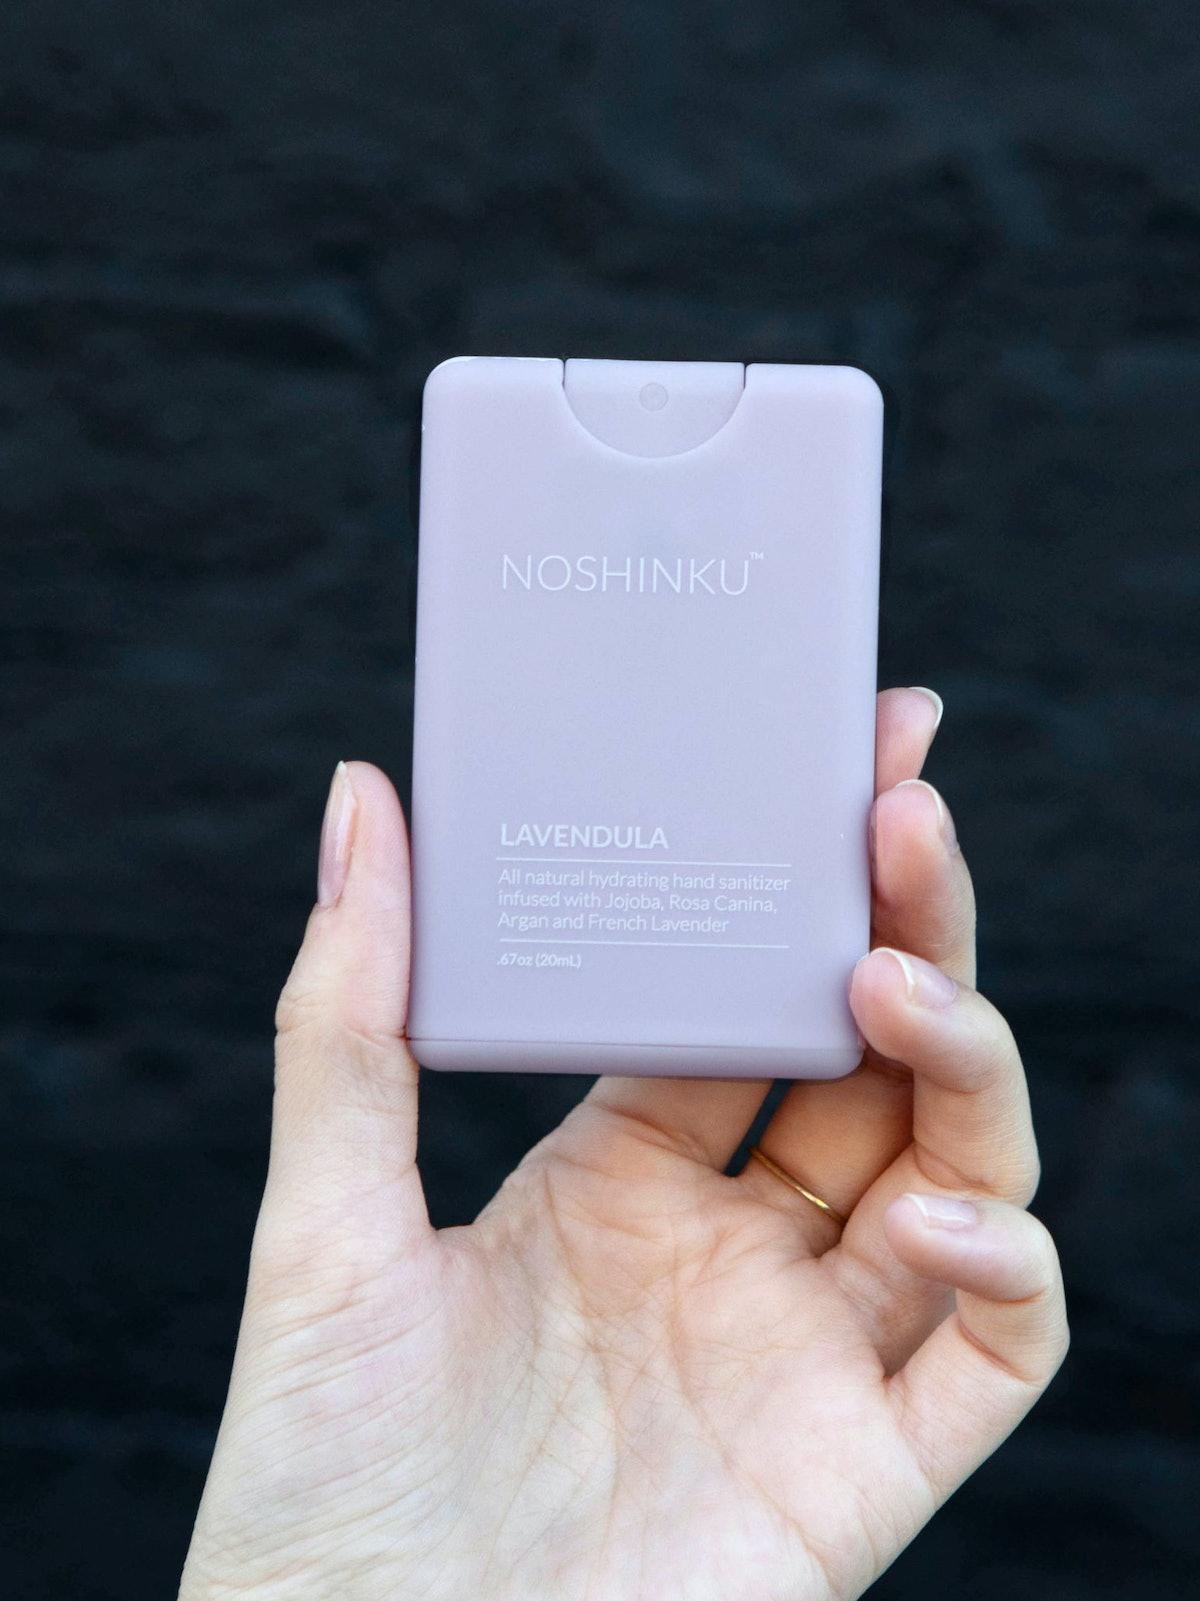 Lavendula Pocket Hand Sanitizer: additional image